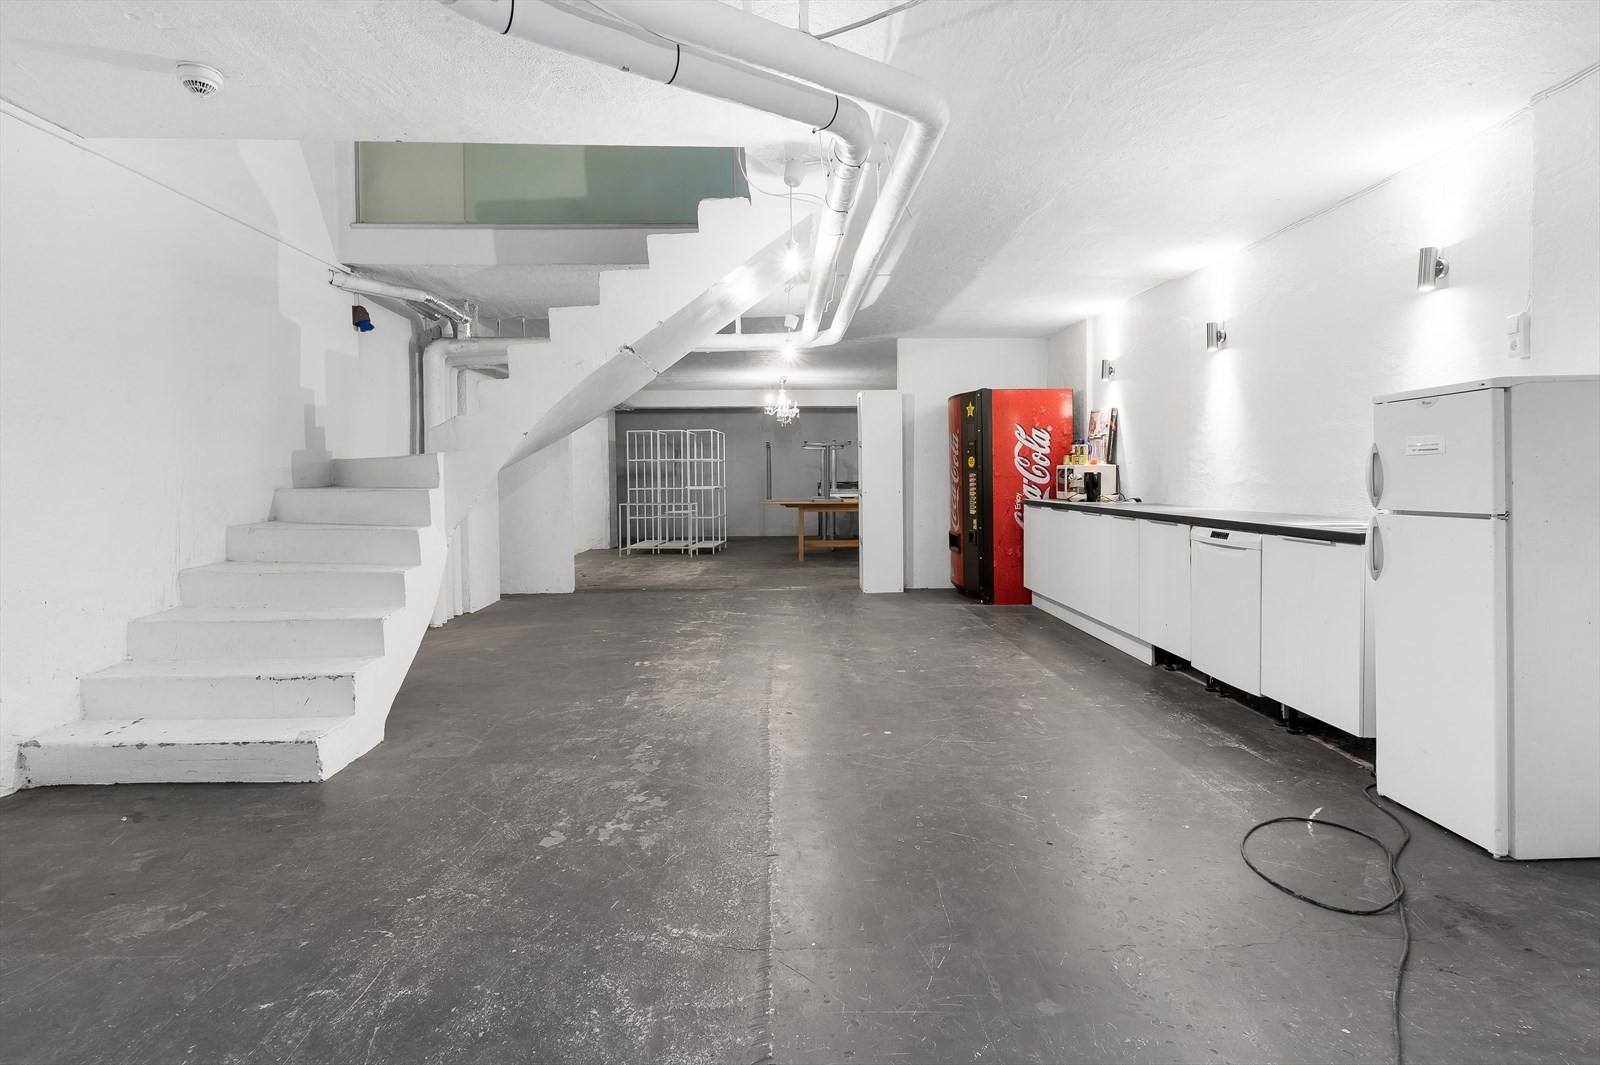 Kjøkken med spiseplass i underetasje. Her kan også tilrettelegges rom for toaletter, dusj m.v.